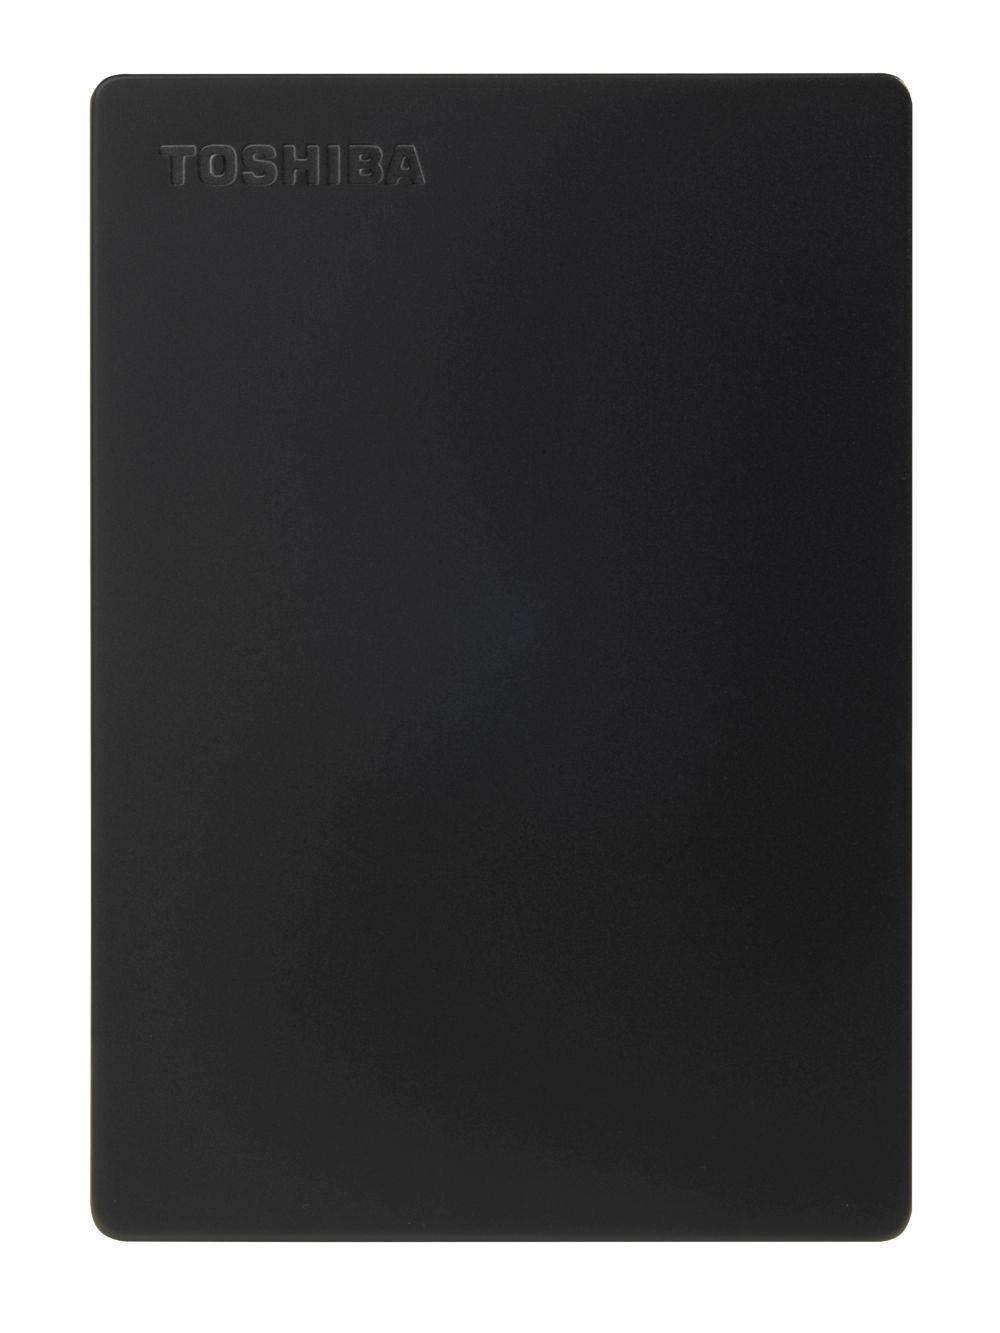 Dysk zewnętrzny Toshiba Canvio Slim 2TB, USB 3.0, black